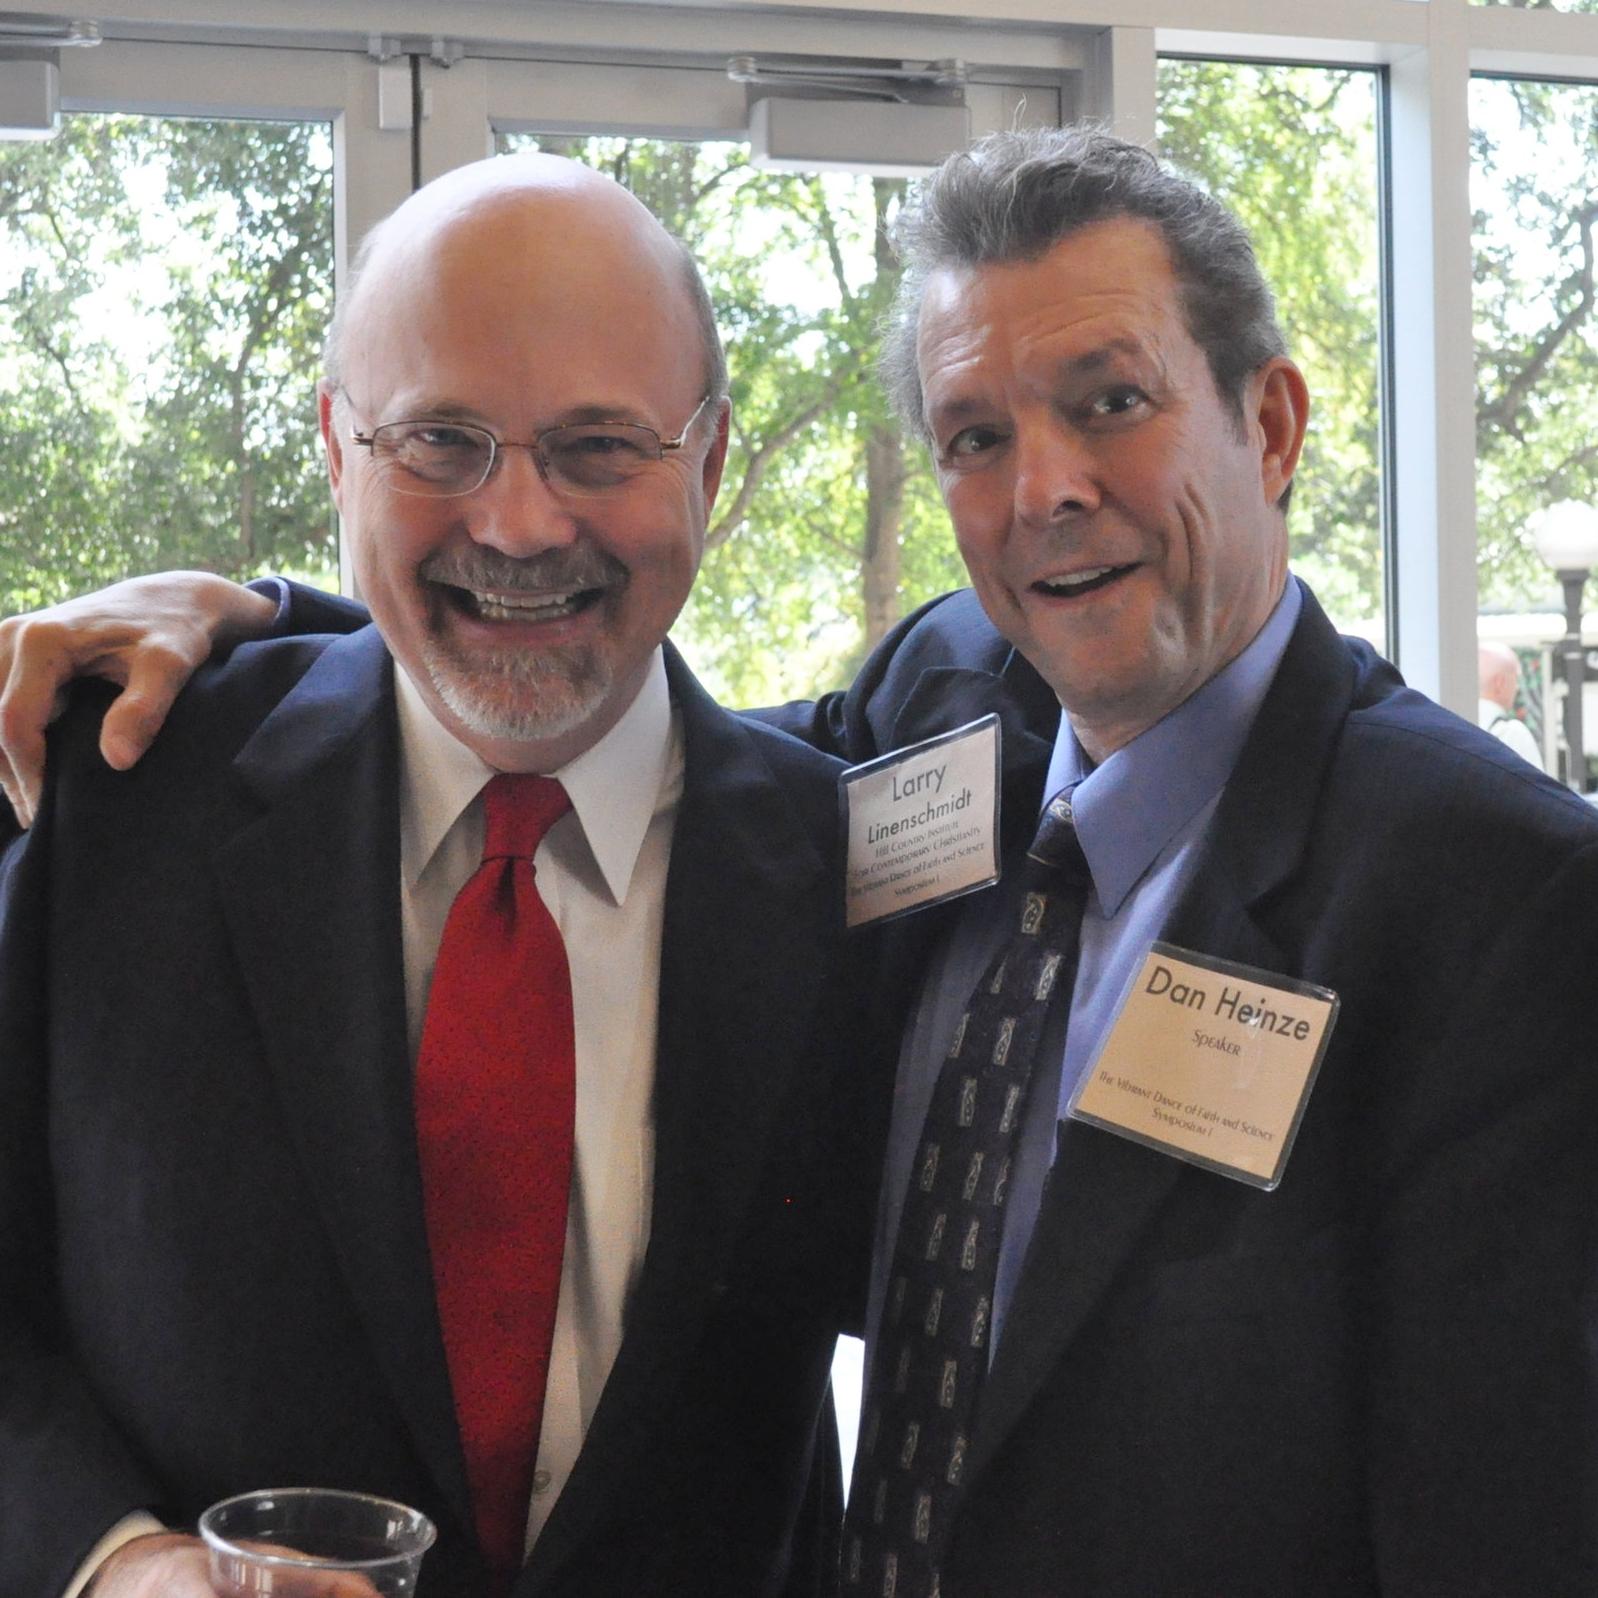 Dan and Larry_2010.JPG